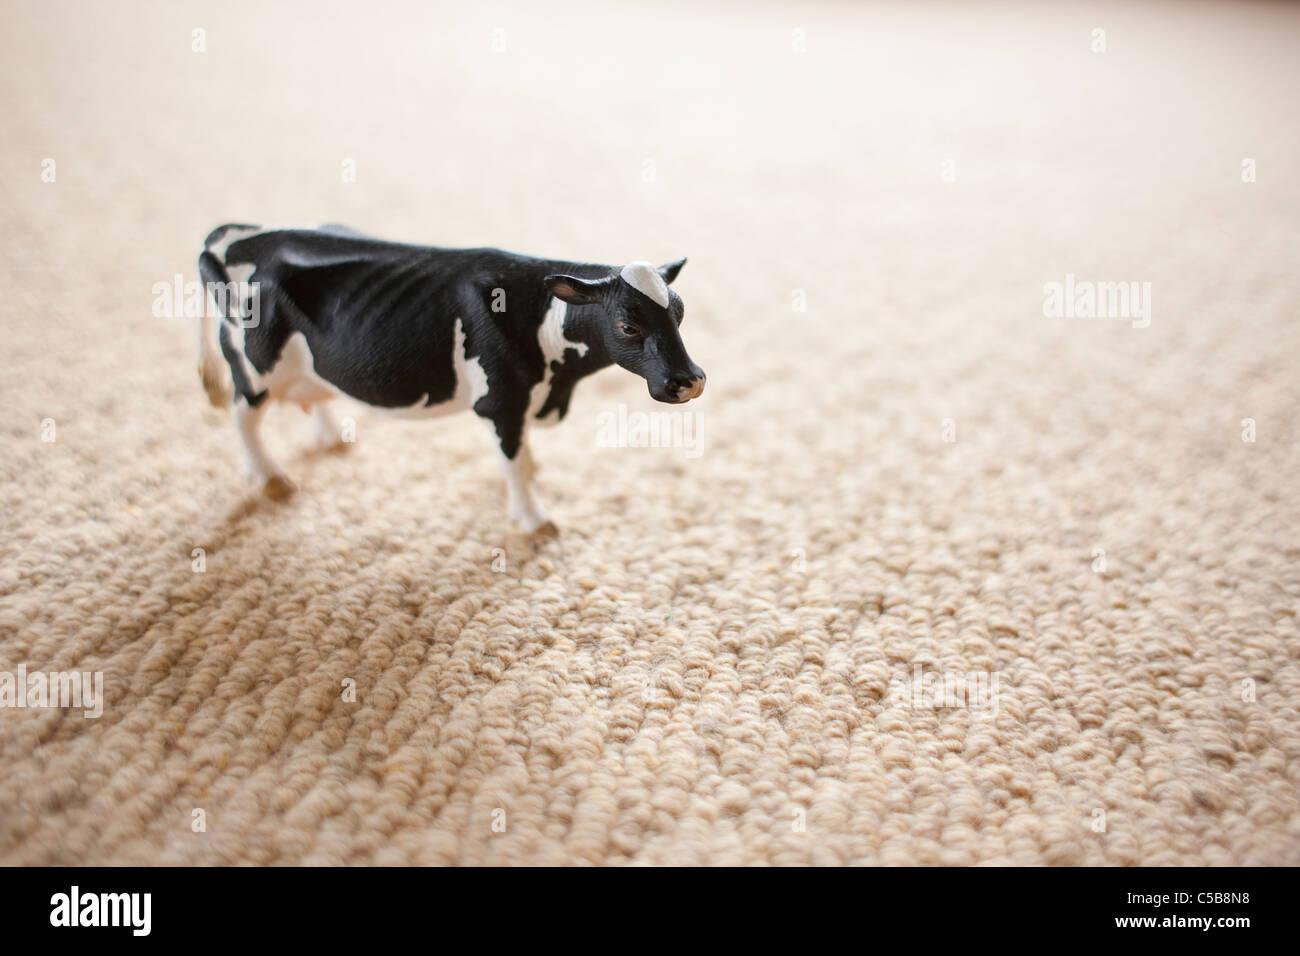 Blickfang Kuh Teppich Ideen Von Spielzeug Auf